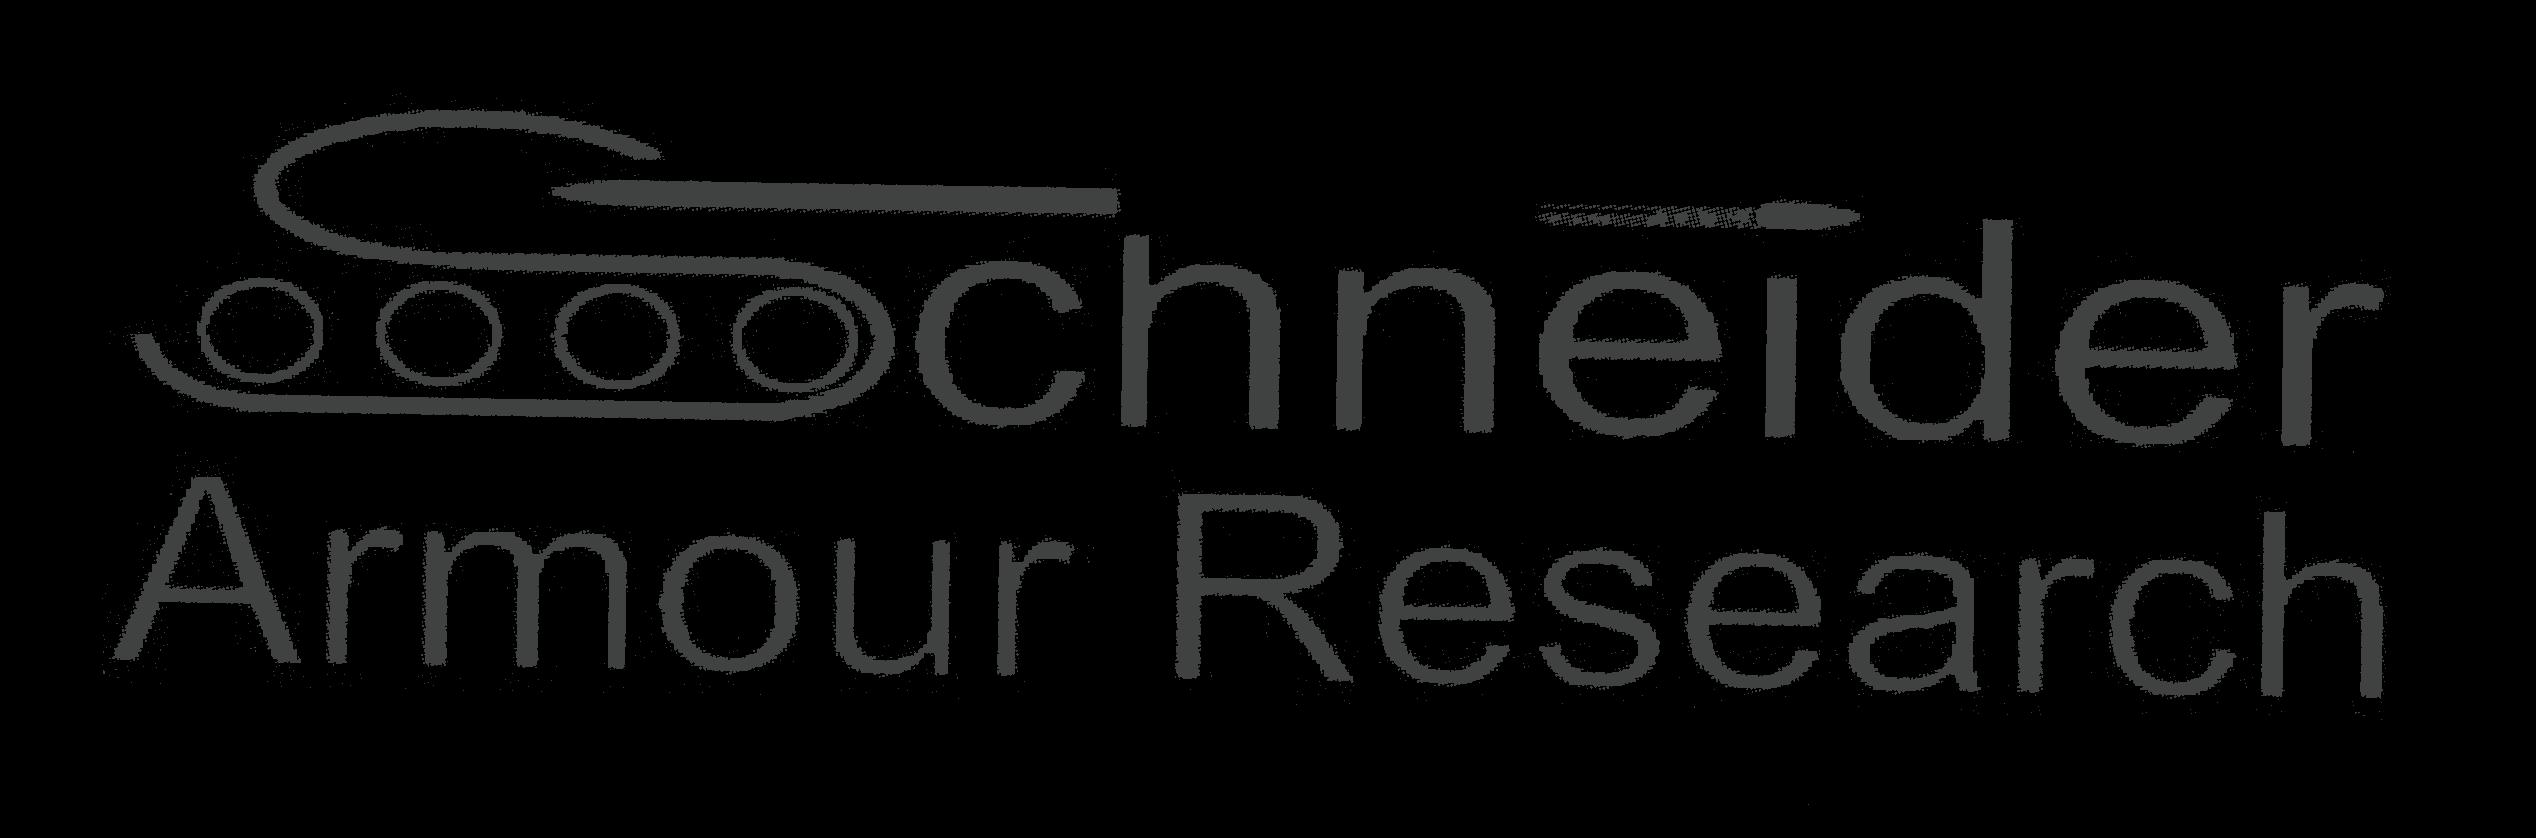 Schneider Armour Research